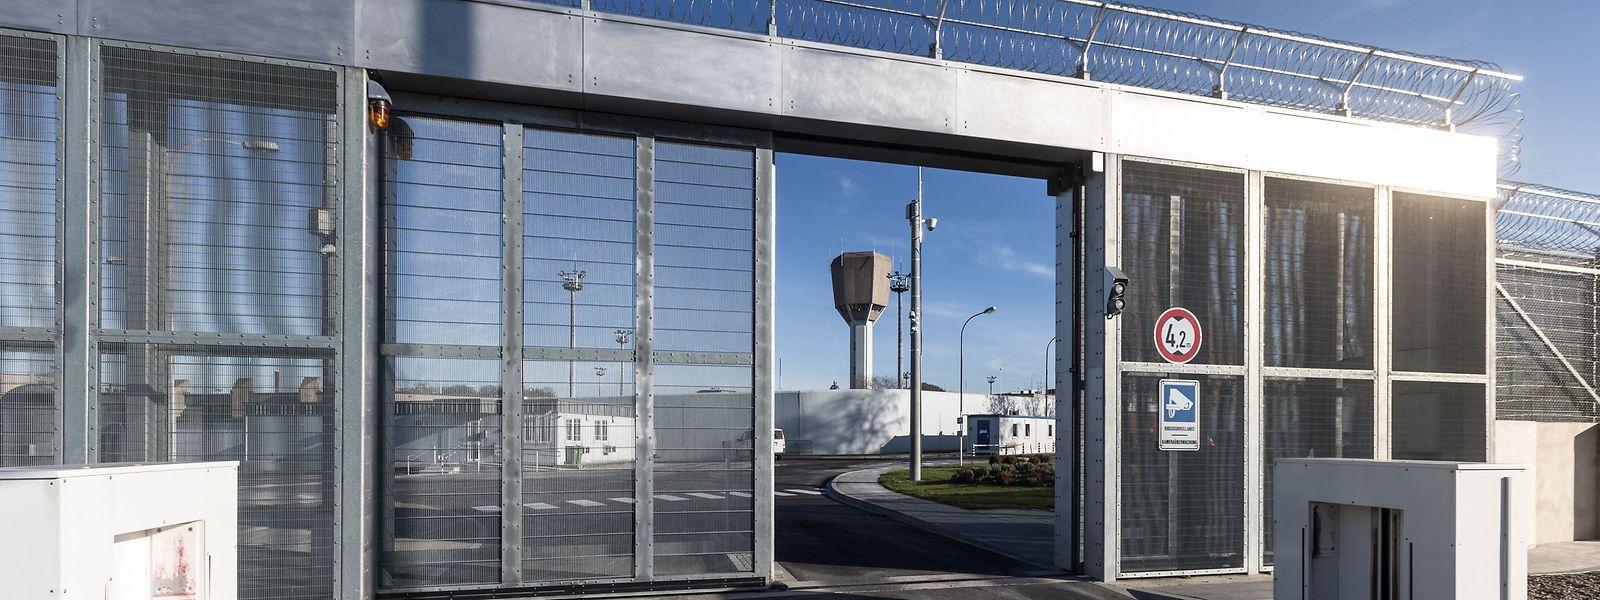 In der Haftanstalt Schrassig beteiligten sich in den vergangenen Tagen immer mehr Insassen an Streiks.